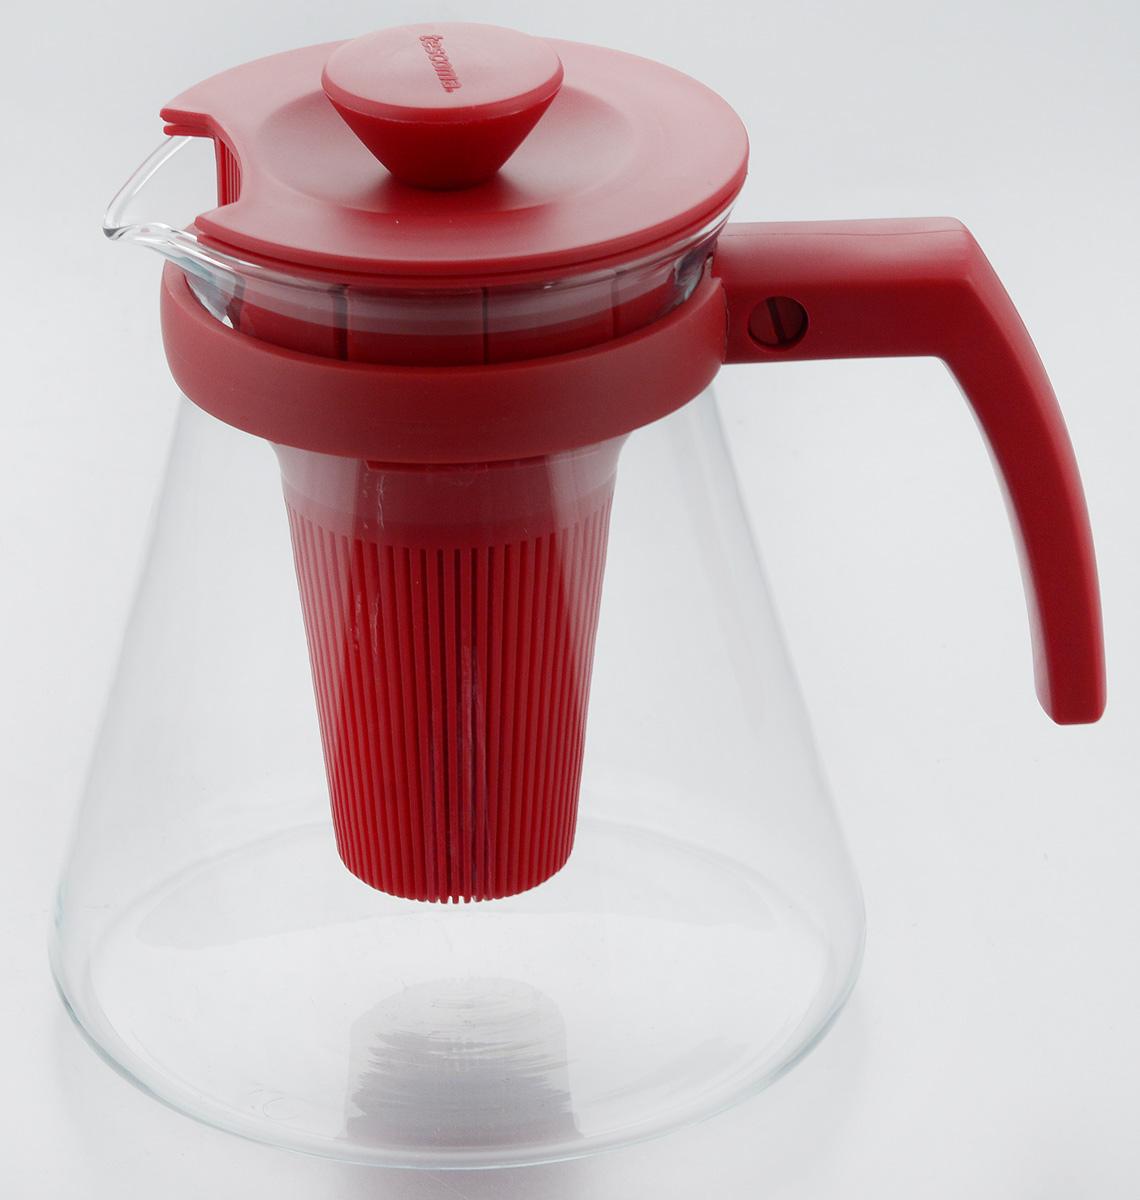 Чайник заварочный Tescoma Teo Tone, с ситечком, цвет: красный, прозрачный, 1,25 л646623.20Чайник заварочный Tescoma Teo Tone предназначен для подготовки и сервировки всех видов чая и чайных напитков. Чайник снабжен глубоким ситечком для заваривания свежей мяты, мелиссы, имбиря, сушеного шиповника, фруктов, а также очень густым ситечком для заваривания всех видов рассыпного чая. Корпус чайника изготовлен из термостойкого боросиликатного стекла, поэтому его можно ставить на плиту. Ручка, крышка и ситечко изготовлены из прочного пластика. Чайник подходит для газовых, электрических и стеклокерамических плит, микроволновой печи. Не рекомендуется мыть в посудомоечной машине. Инструкция по использованию внутри упаковки. Диаметр (по верхнему краю): 10 см. Диаметр основания: 14 см. Высота: 16 см.